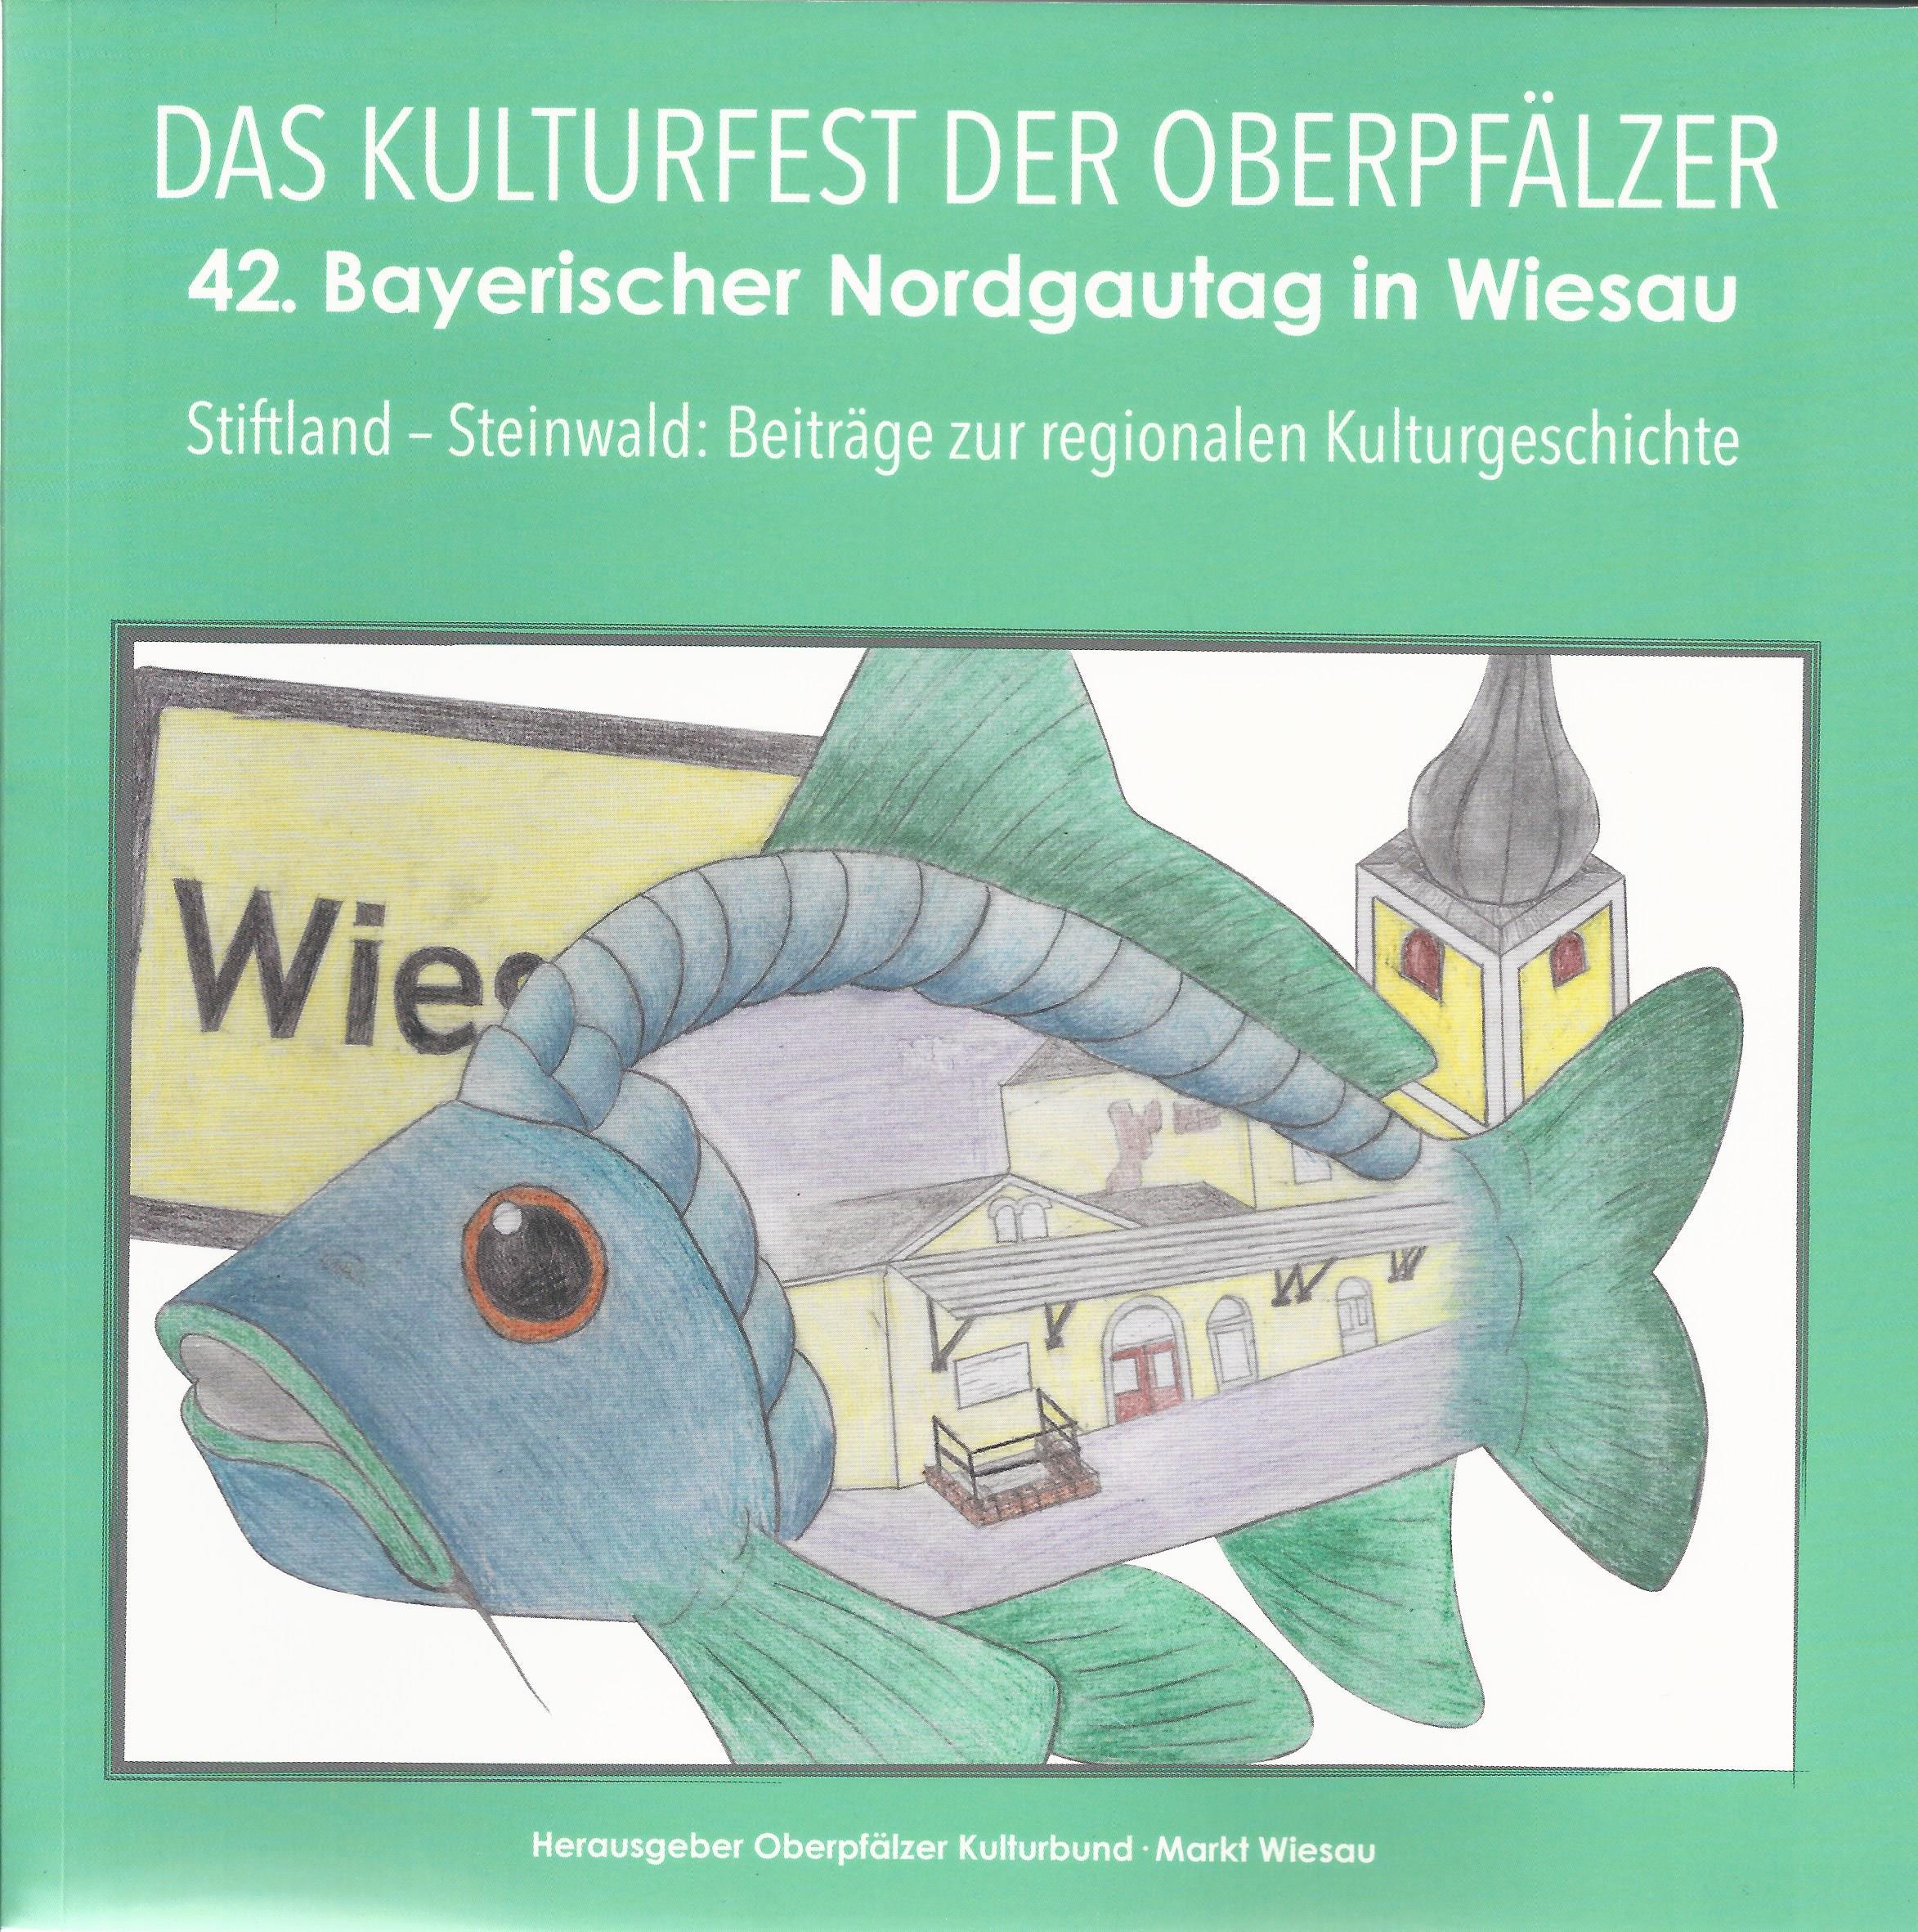 Festschrift Nordgautag Wiesau 2018